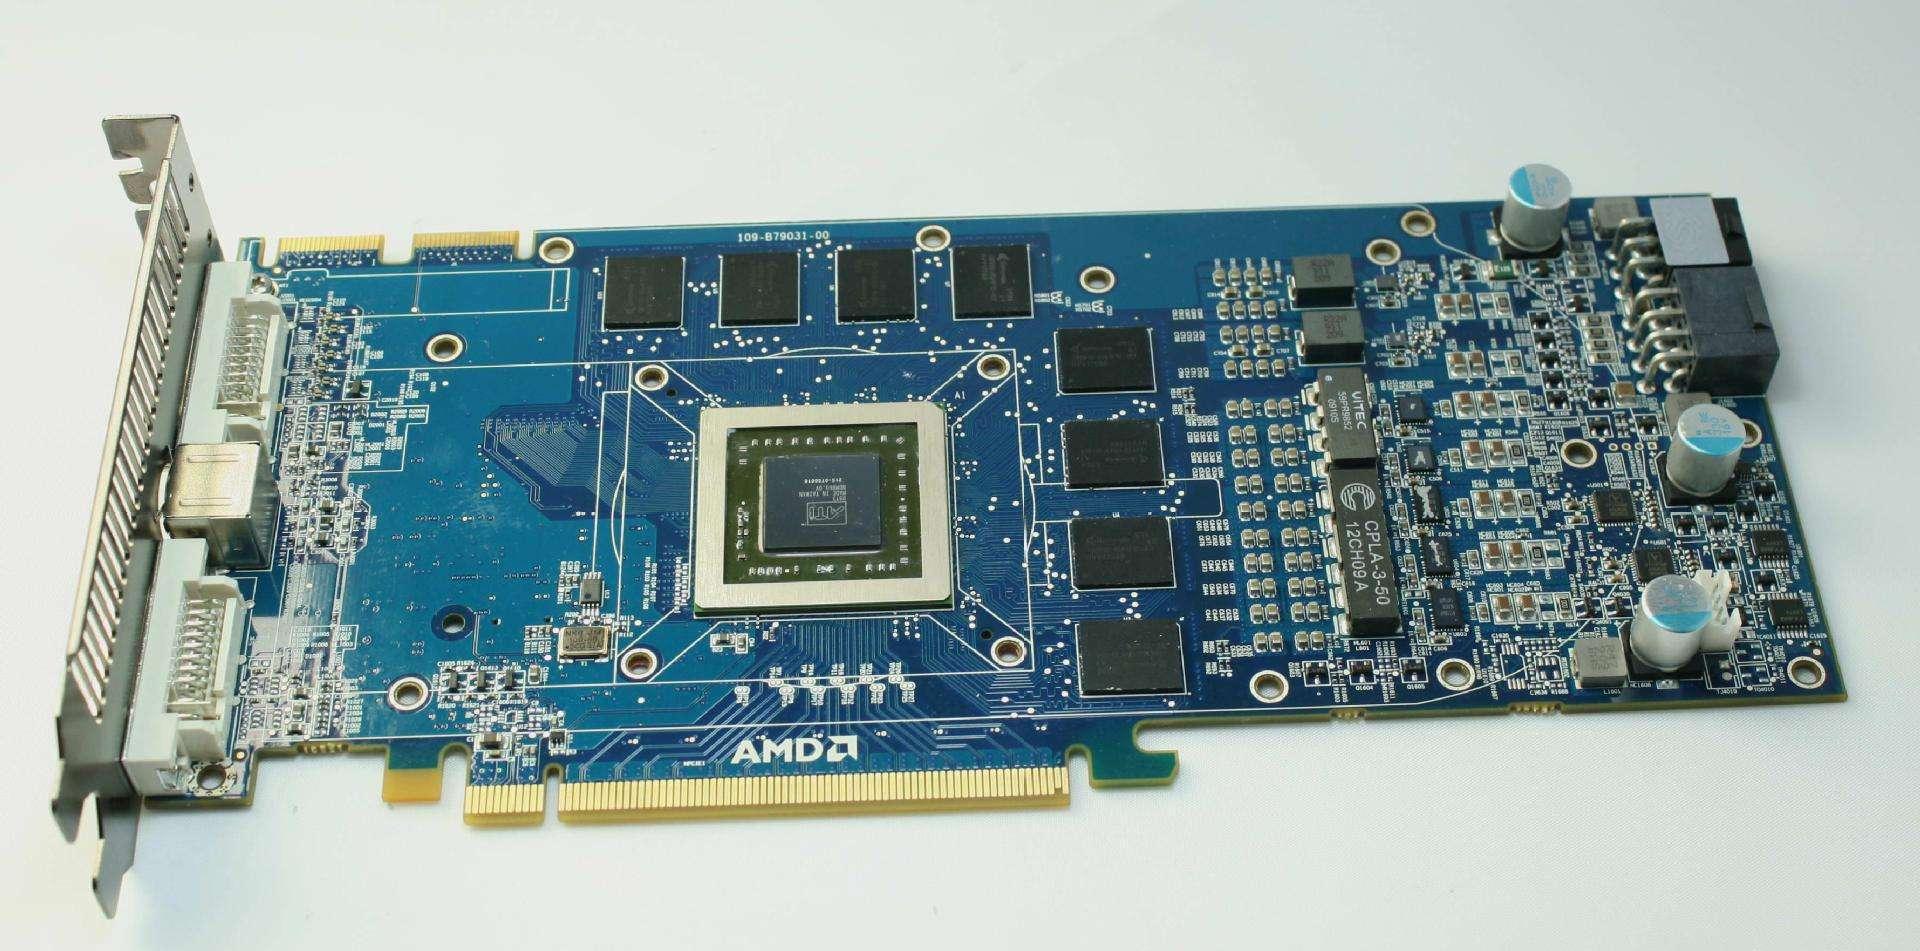 PCB板,PCB线路板,PCB多层板,SMT贴片加工,SMT贴片,PCBA加工,雅鑫达